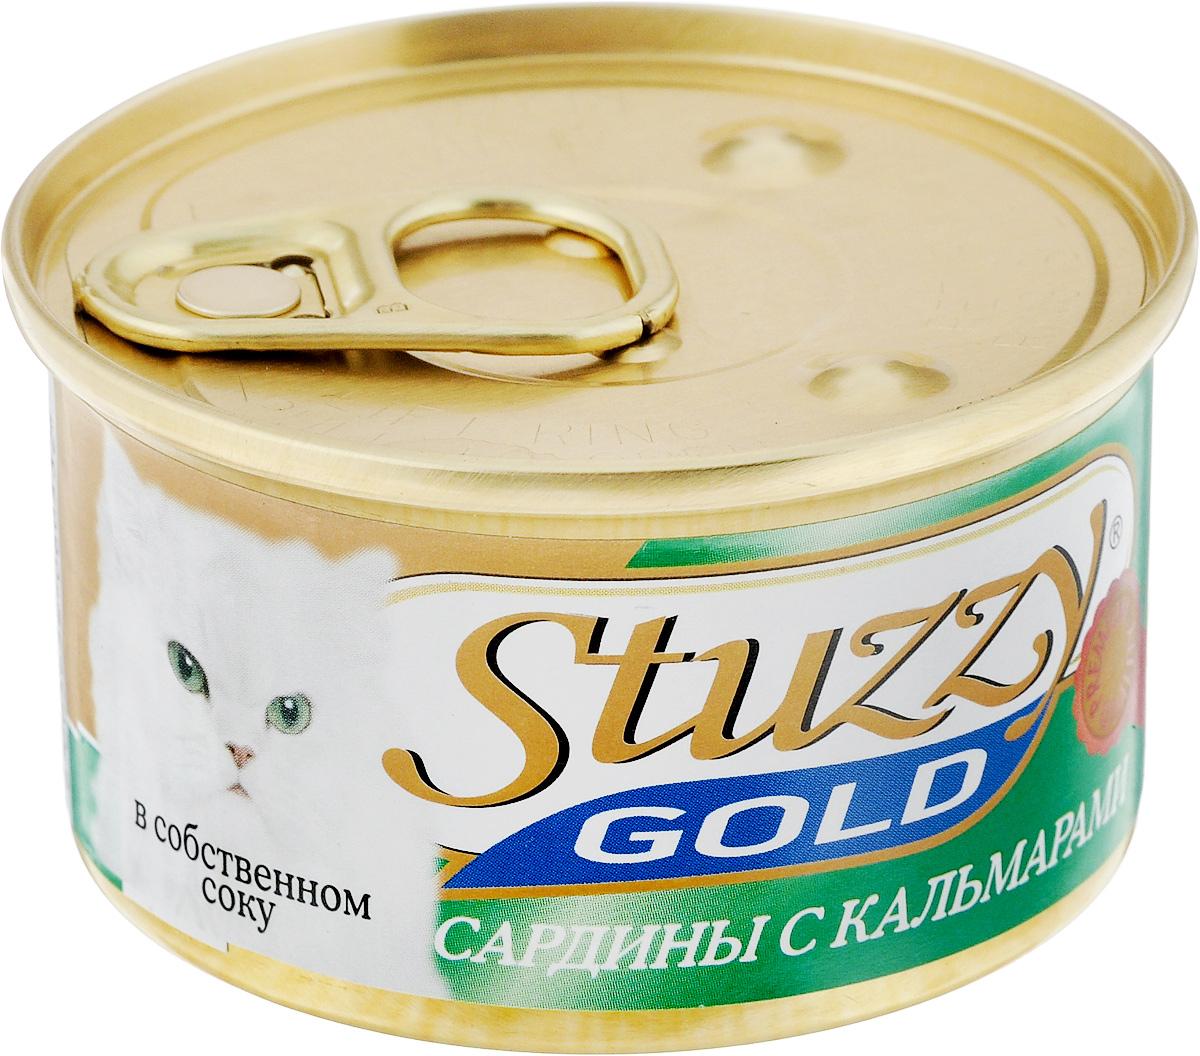 Консервы для взрослых кошек Stuzzy Gold, сардины с кальмарами в собственном соку, 85 г130.3.104Консервы для кошек Stuzzy Gold - это дополнительный рацион для взрослых кошек. Корм обогащен таурином и витамином Е для поддержания правильной работы сердца и иммунной системы. Инулин обеспечивает всасывание питательных веществ, а биотин способствуют великолепному внешнему виду кожи и шерсти. Корм приготовлен на пару, не содержит красителей и консервантов. Состав: субпродукты морепродуктов: сардины 57,6%, кальмары 4,7%, креветки 2,4%, мидии 0,9%.Питательная ценность: белок 11,2%, жир 2,8%, клетчатка 0,1%, зола 2,6%, влажность 82%.Питательные добавки (на кг): витамин А 1325 МЕ, витамин D3 110 МЕ, витамин Е 15 мг,таурин 160 мг.Товар сертифицирован.